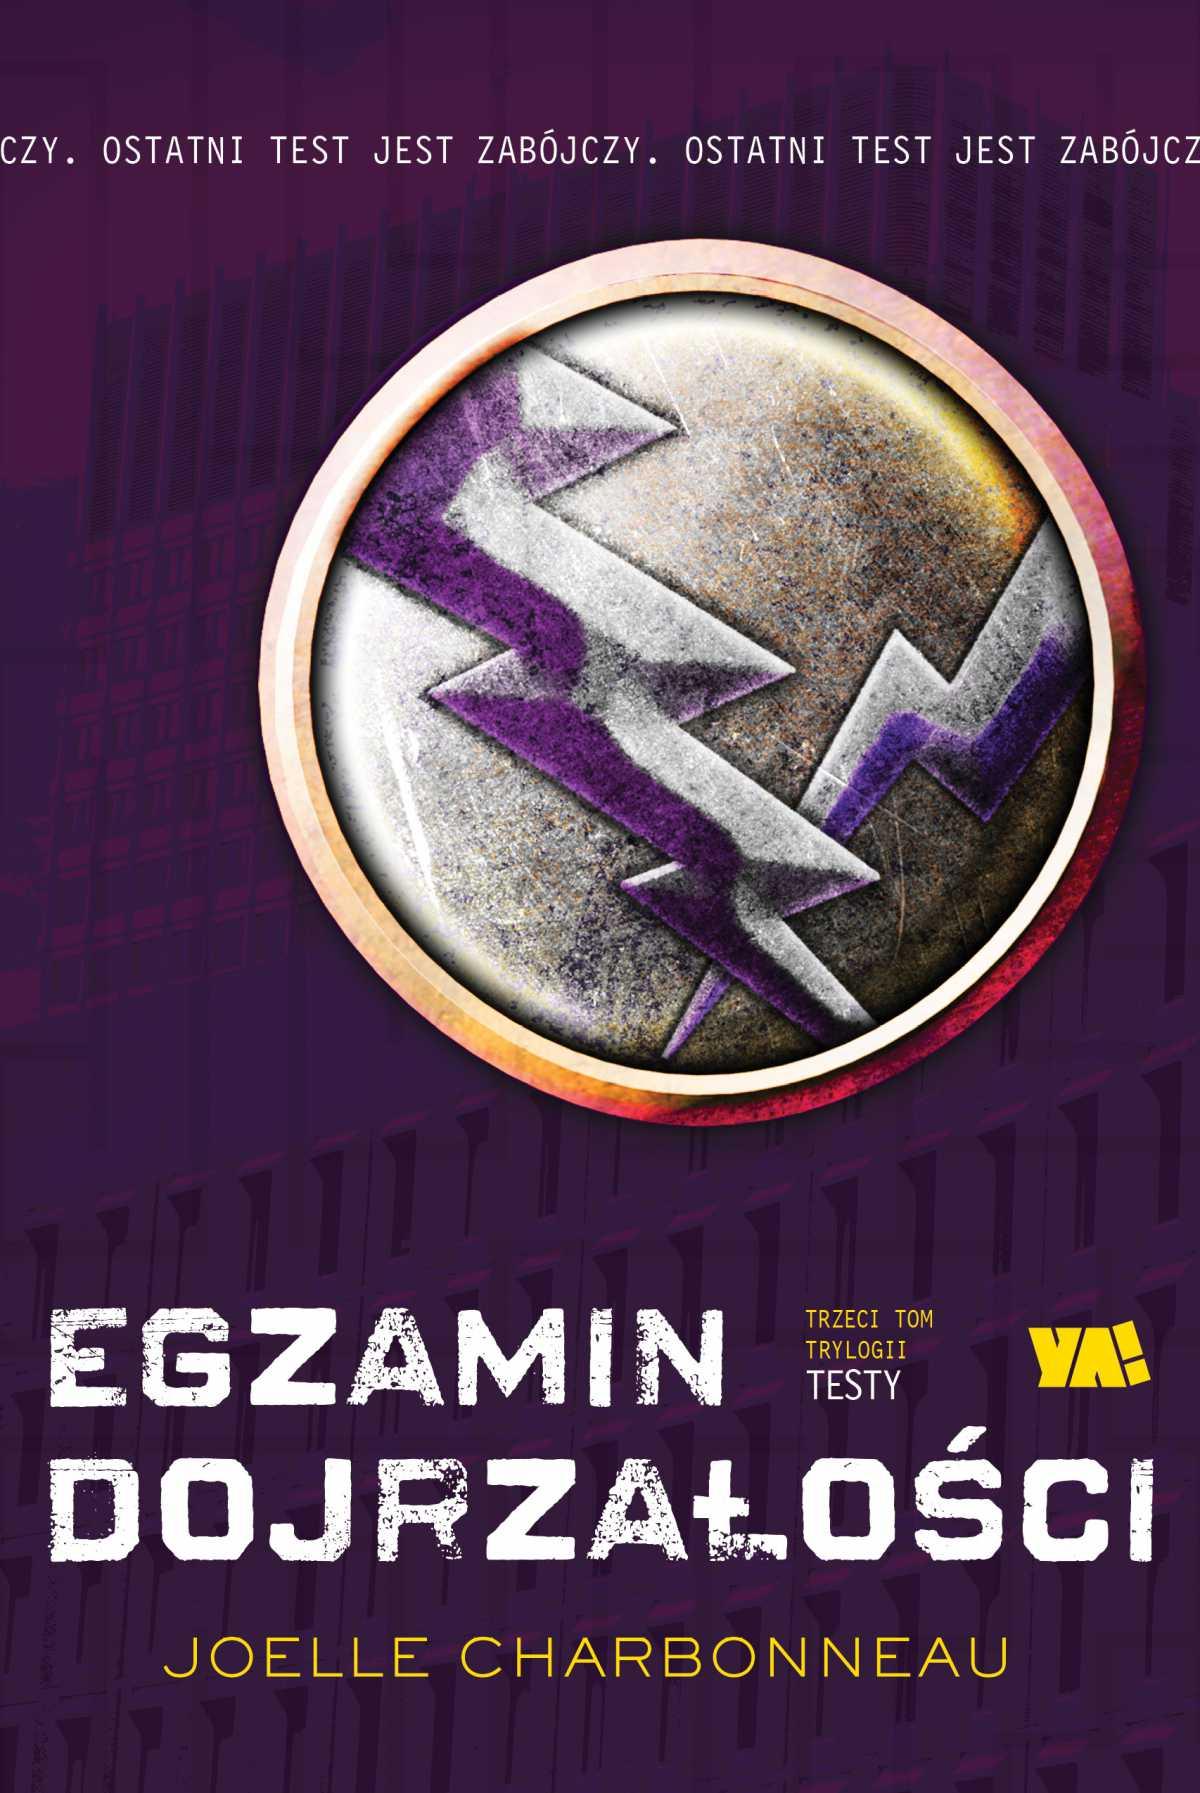 Egzamin dojrzałości - Ebook (Książka EPUB) do pobrania w formacie EPUB